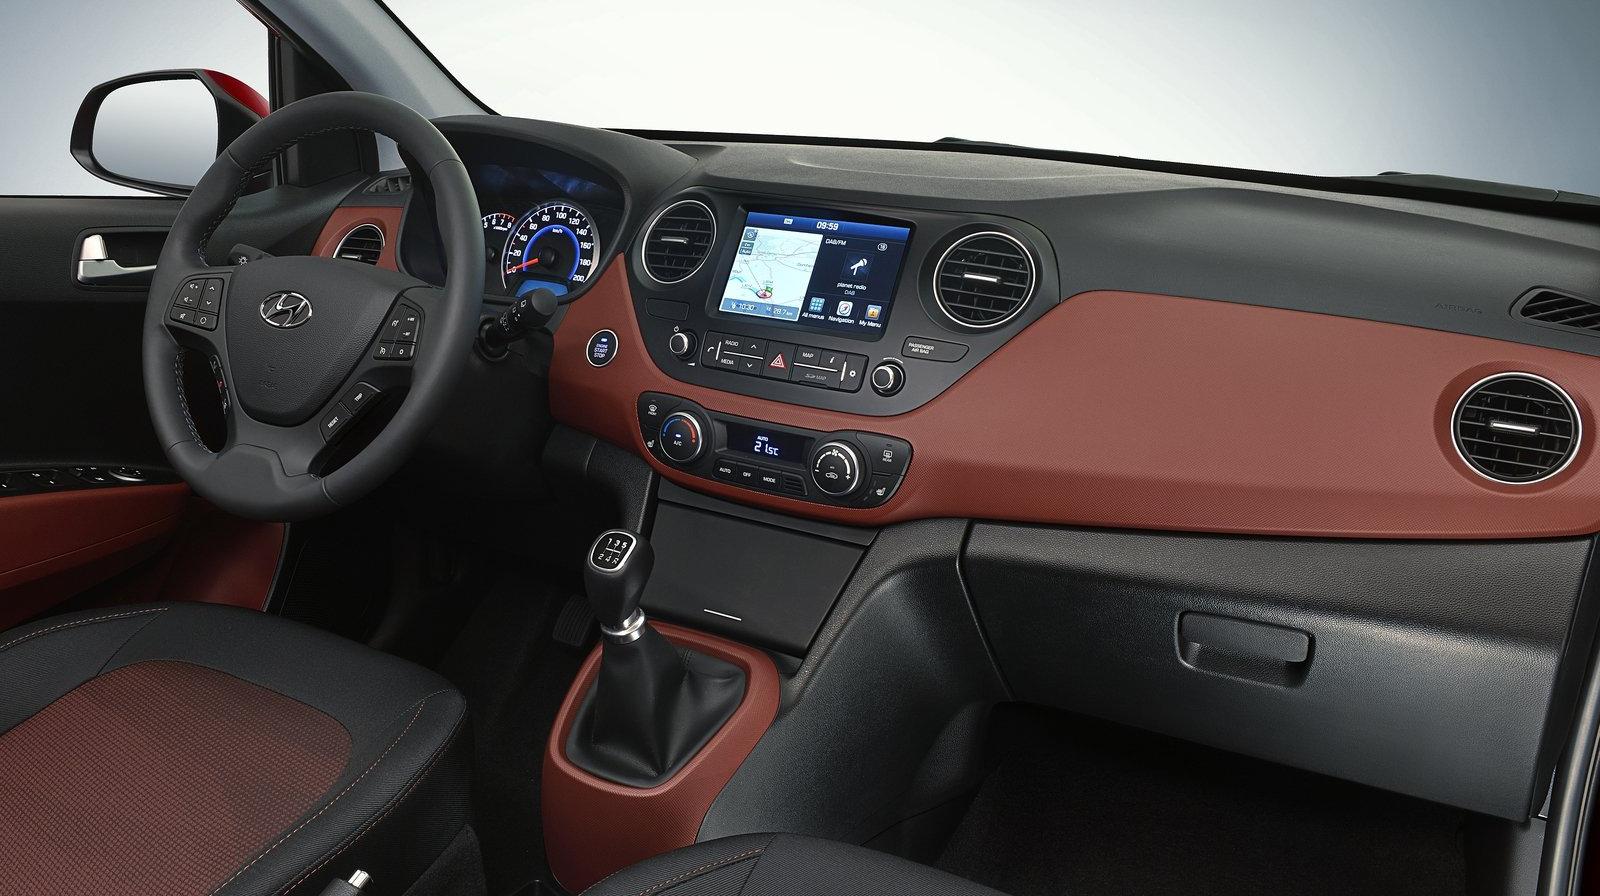 Hyundai-i10-2017 (8).jpg